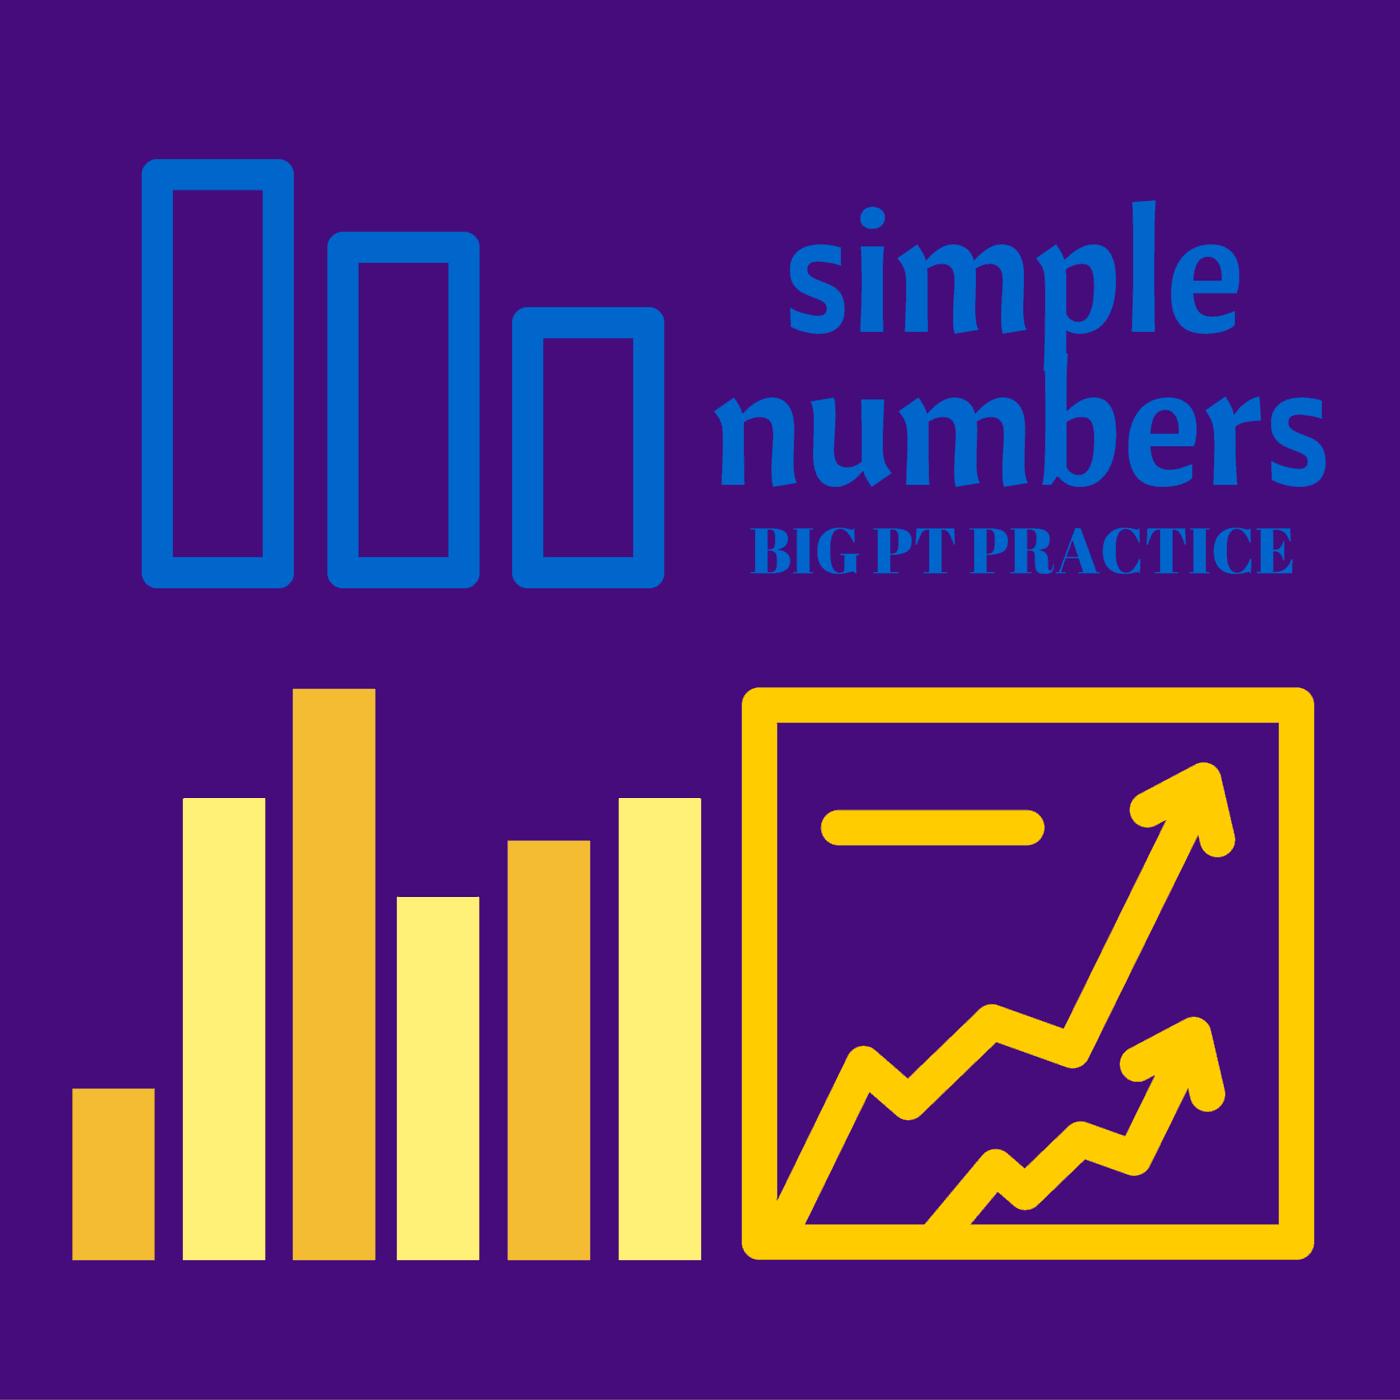 simple numbers big PT practice